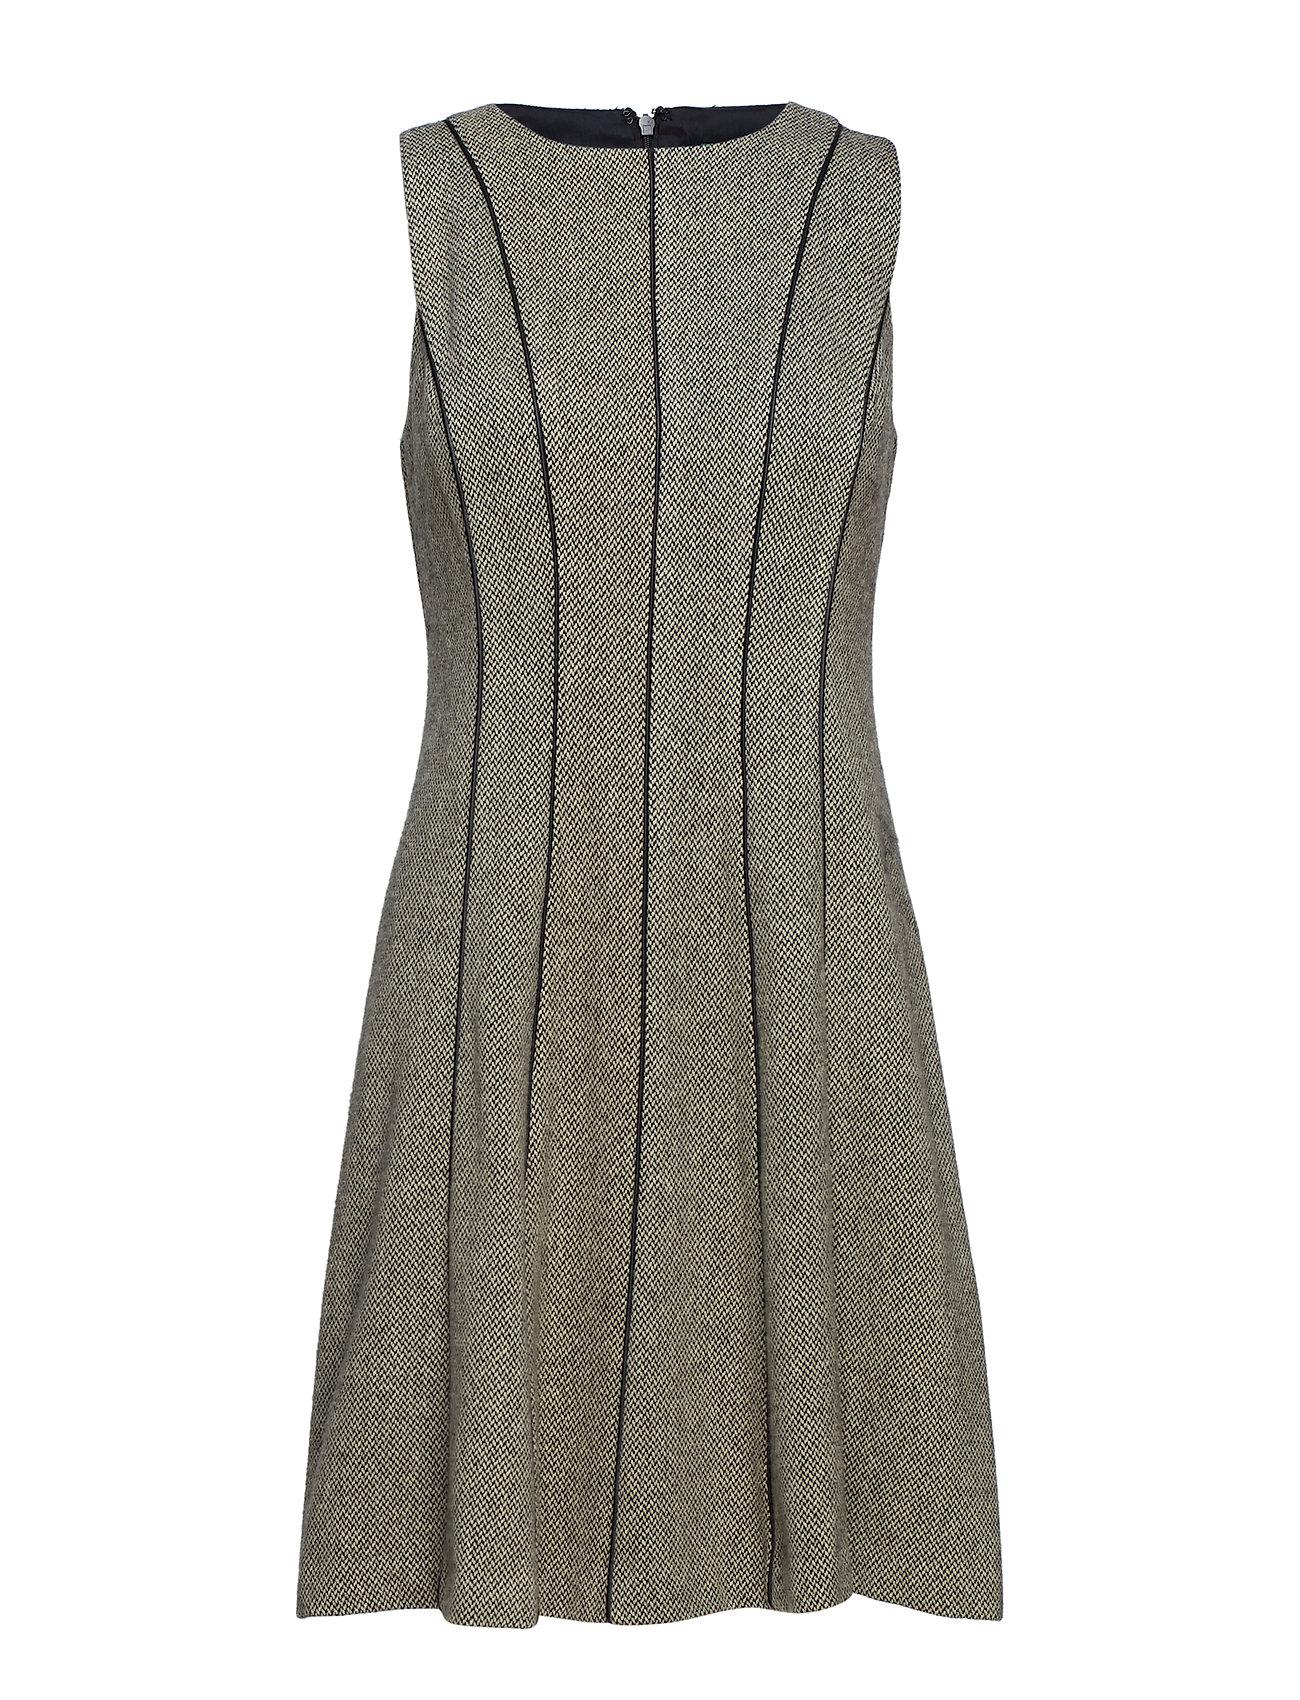 Lauren Ralph Lauren DUGGNAN - S/L DRESS - BLACK/CREAM